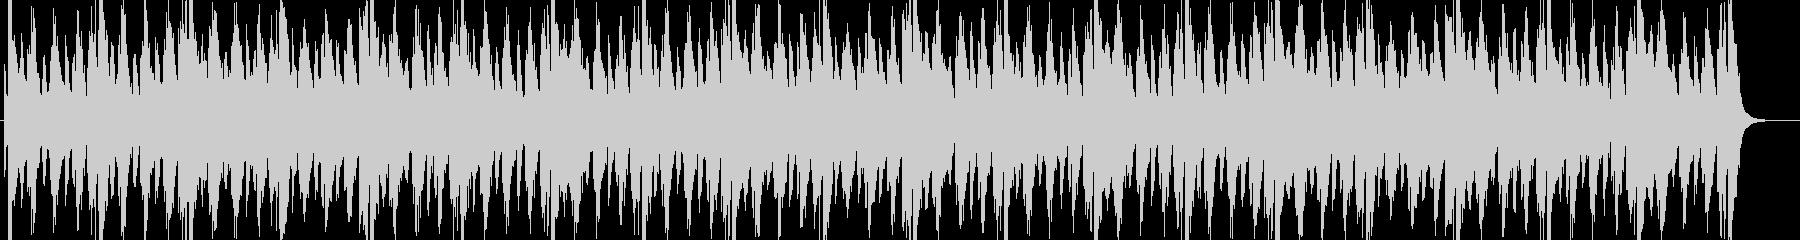 「闇のドン」を感じさせるオケ曲の未再生の波形